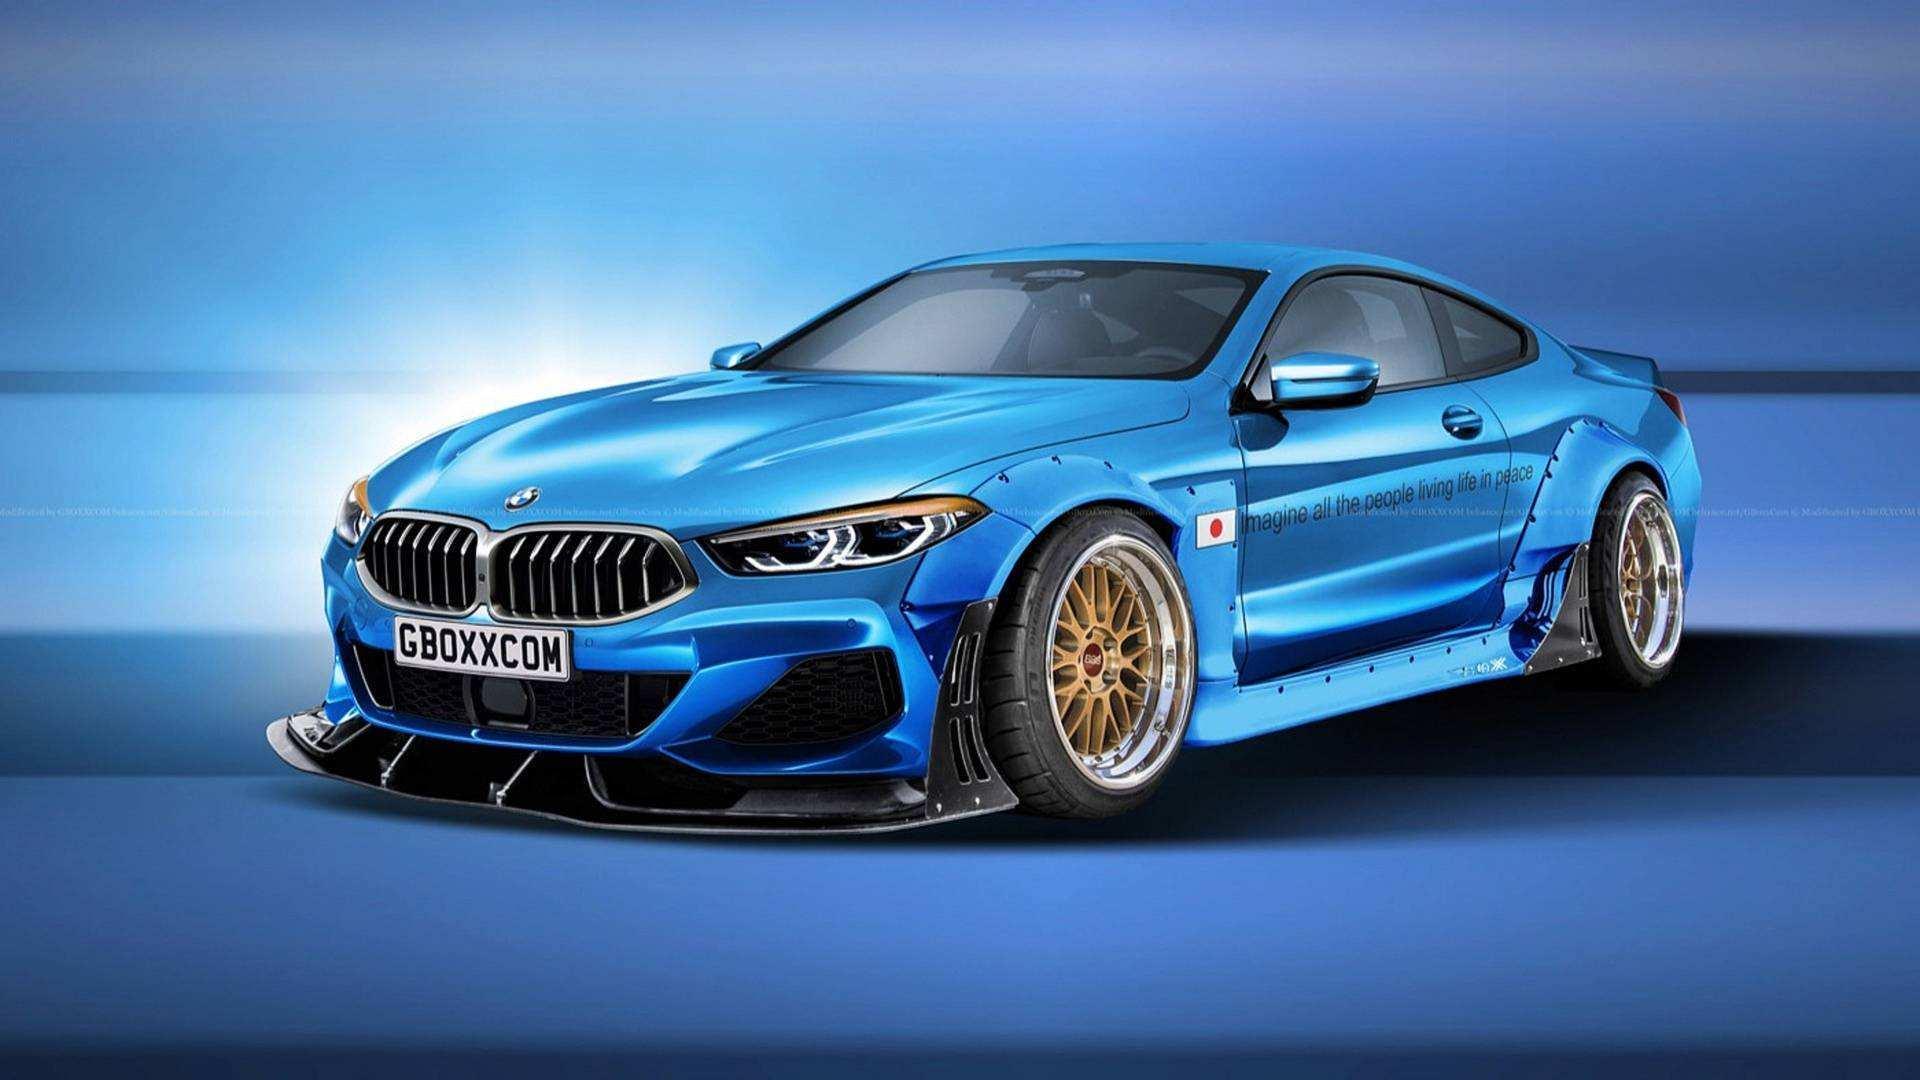 Alpina BMW B8 2020 bmw nl 83-New-BMW-Alpina-B8-2020-Overview-with-BMW-Alpina-B8-2020